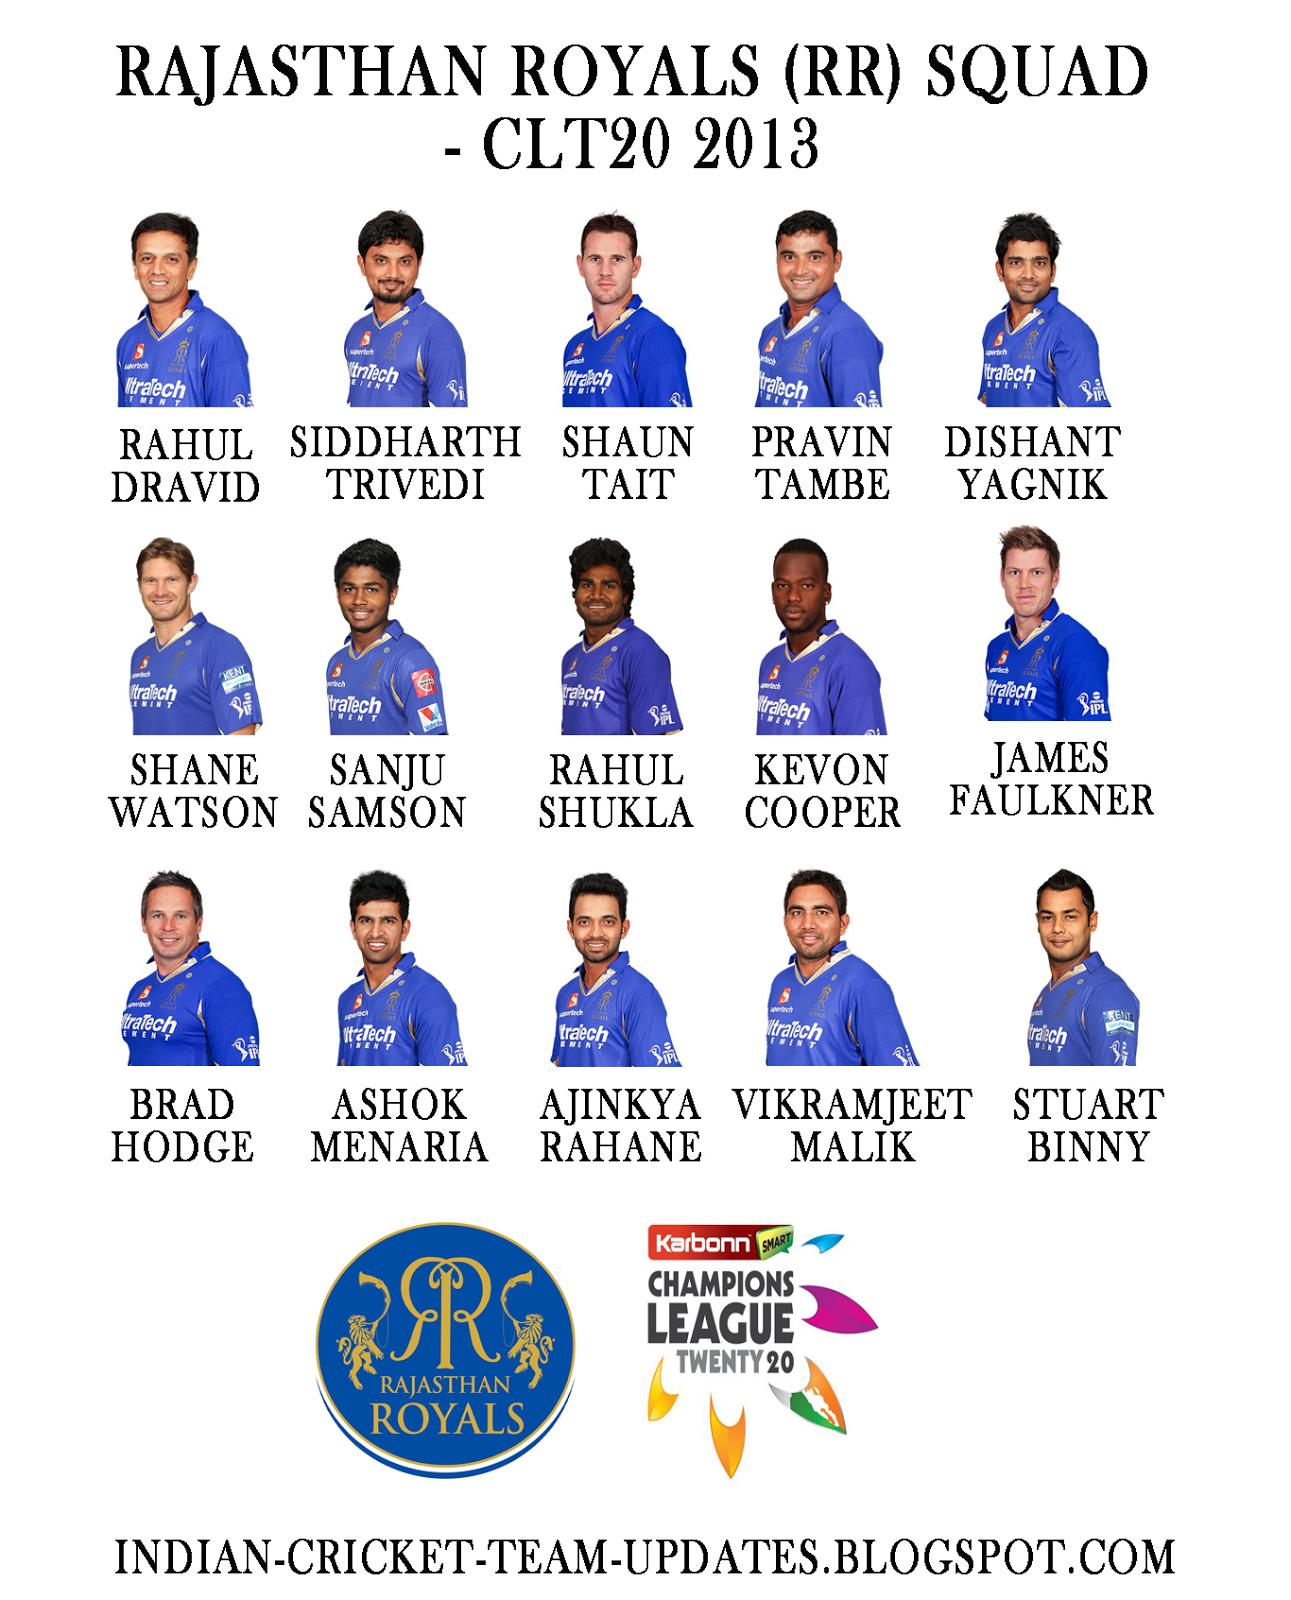 Rajasthan-Royals-CLT20-2013-Squad